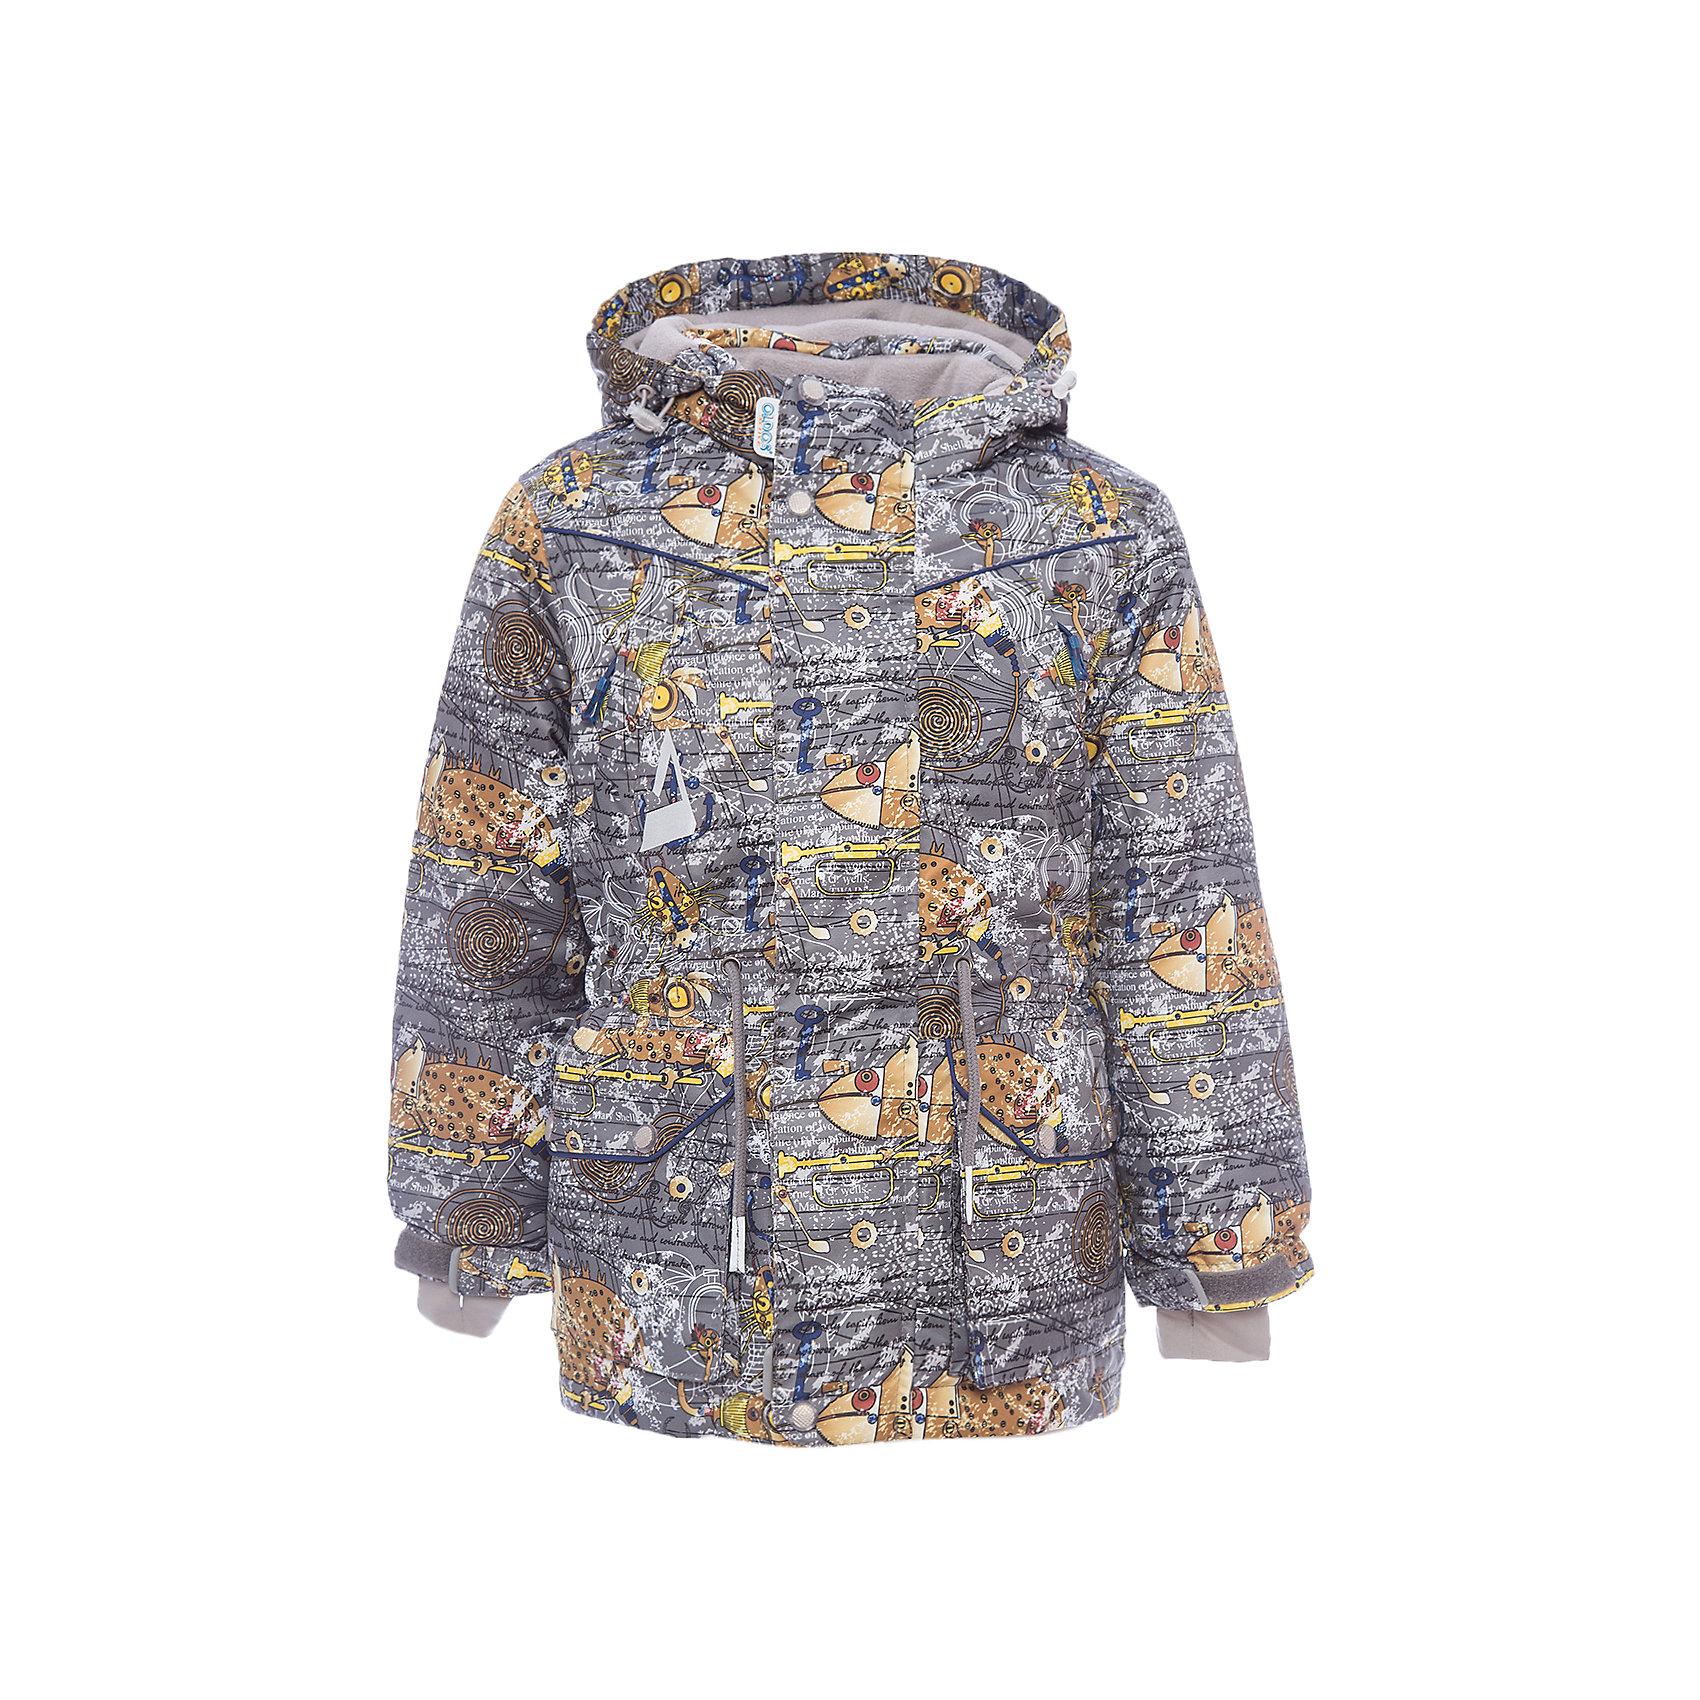 Куртка Эдгар OLDOS для мальчикаВерхняя одежда<br>Характеристики товара:<br><br>• цвет: серый<br>• состав ткани: полиэстер, Teflon<br>• подкладка: флис<br>• утеплитель: Hollofan pro<br>• сезон: зима<br>• мембранное покрытие<br>• температурный режим: от -30 до +5<br>• водонепроницаемость: 5000 мм <br>• паропроницаемость: 5000 г/м2<br>• плотность утеплителя: 200 г/м2<br>• застежка: молния<br>• капюшон: без меха, съемный<br>• страна бренда: Россия<br>• страна изготовитель: Россия<br><br>Легкая зимняя куртка выделяется стильным дизайном. Теплая куртка для мальчика дополнена элементами, помогающими подогнать её размер под ребенка. Детская зимняя куртка создана с применением мембранной технологии, она рассчитана на очень холодную погоду. <br><br>Куртку Эдгар Oldos (Олдос) для мальчика можно купить в нашем интернет-магазине.<br><br>Ширина мм: 356<br>Глубина мм: 10<br>Высота мм: 245<br>Вес г: 519<br>Цвет: серый<br>Возраст от месяцев: 84<br>Возраст до месяцев: 96<br>Пол: Мужской<br>Возраст: Детский<br>Размер: 128,98,104,110,116,122<br>SKU: 7015619